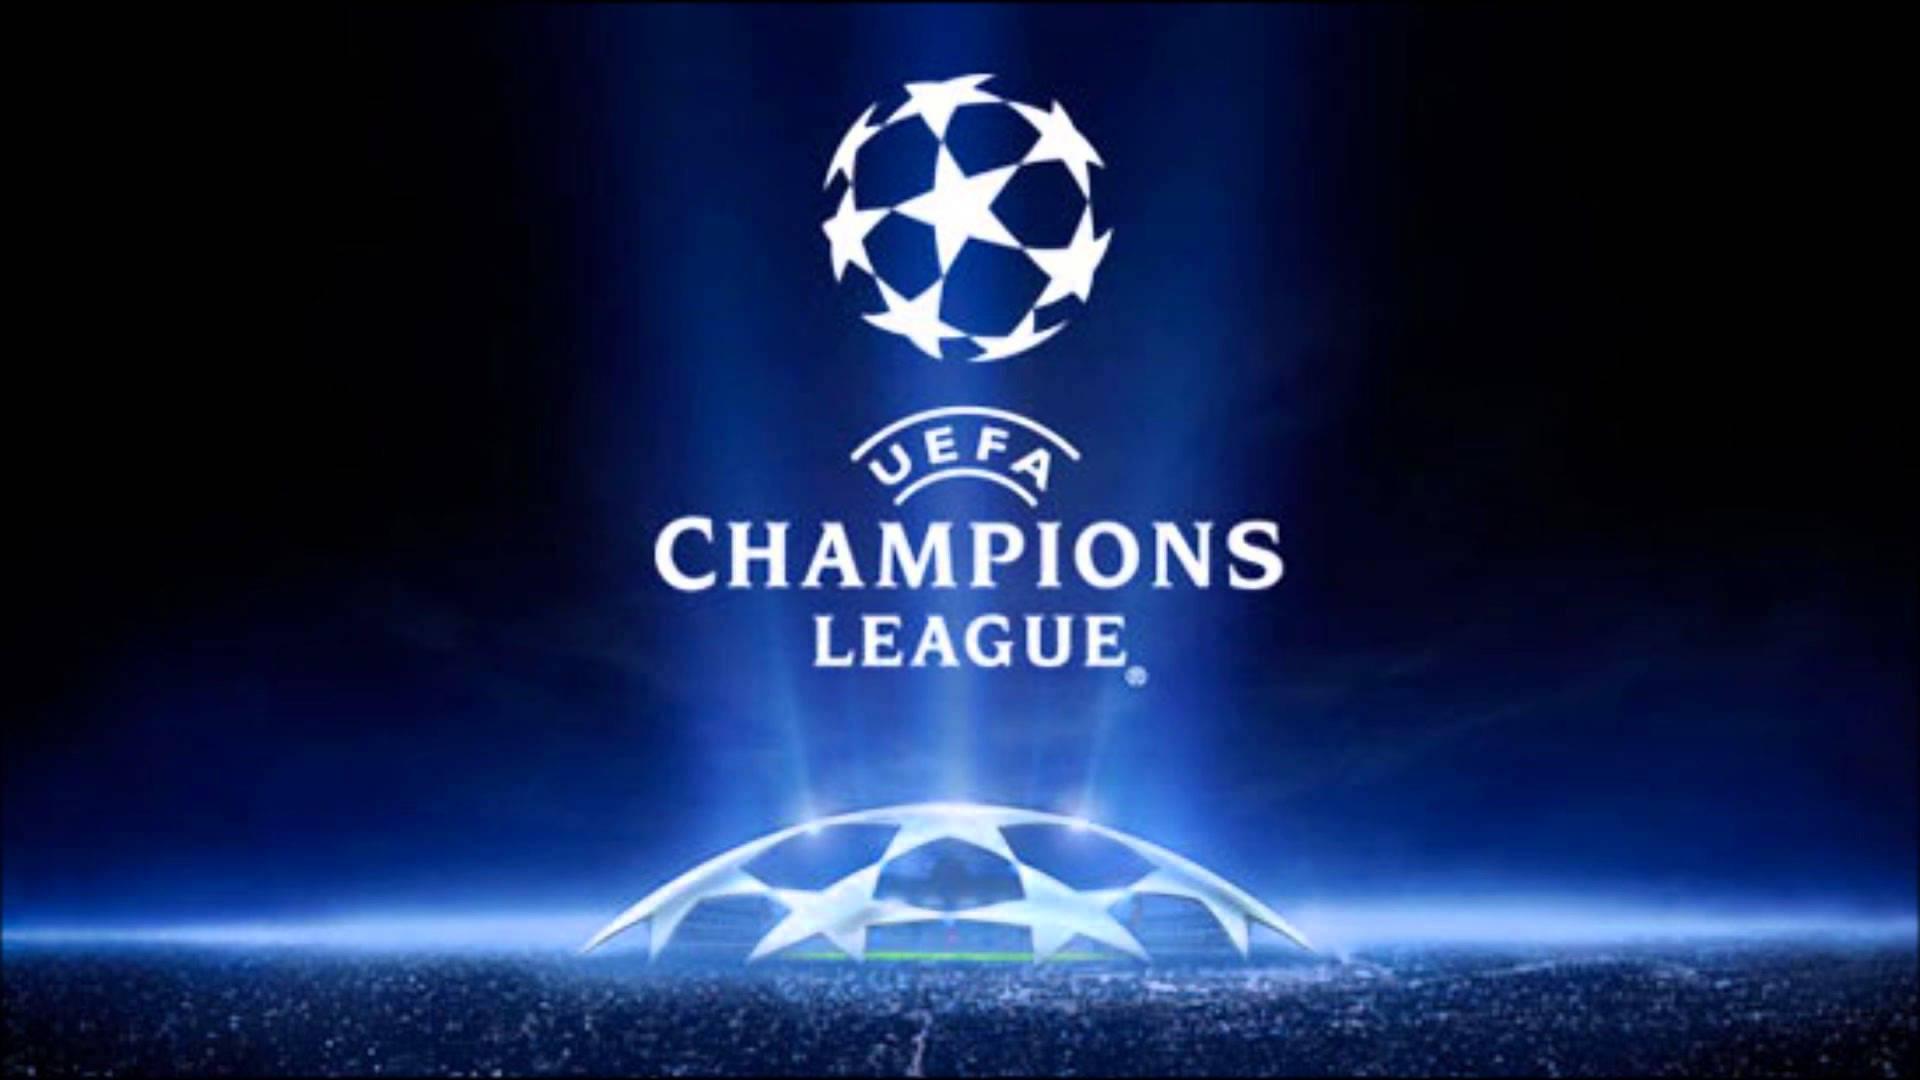 欧冠足球直播_欧冠足球比赛 背景_欧冠足球2 欧冠联赛